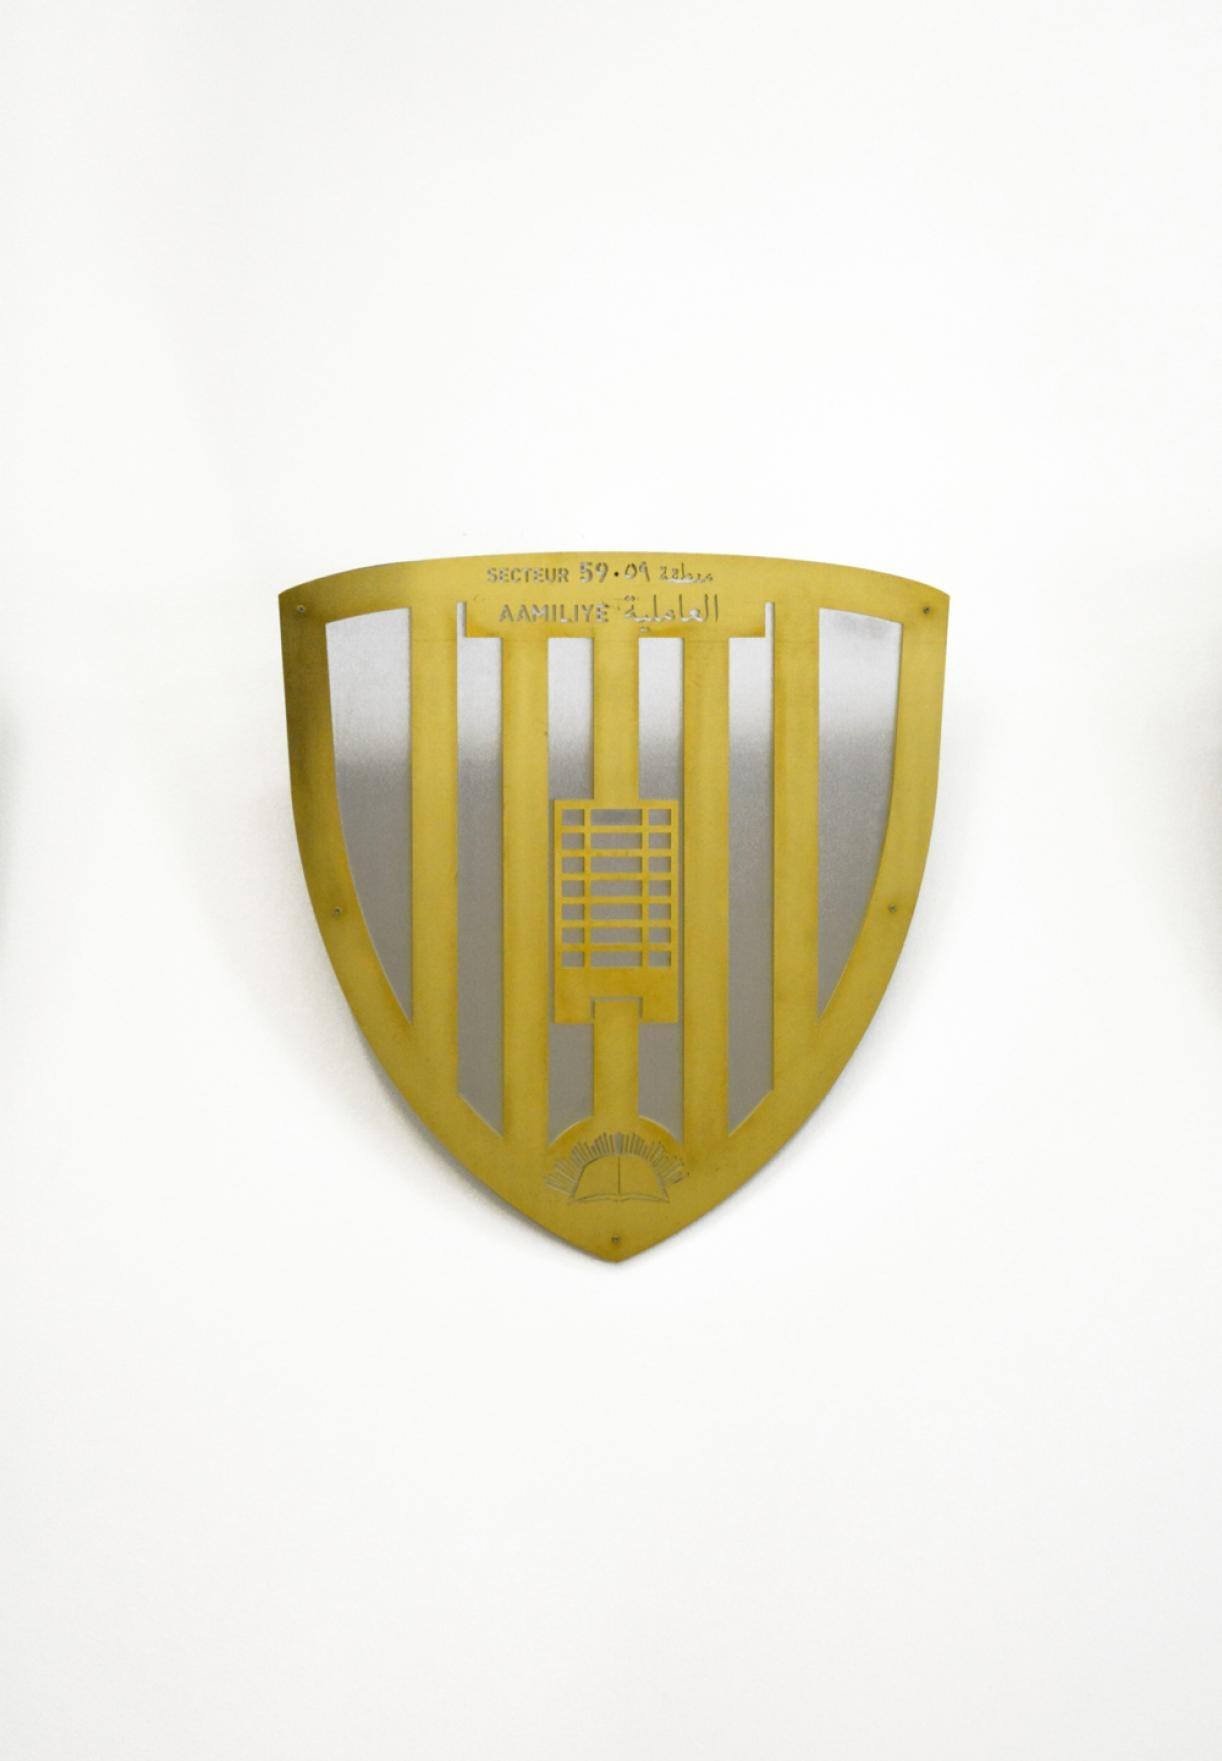 Blazon: Aamliyeh, 2015, Laser cut Brass on Stainless Steel, 47 x 45 cm, Ed. 3 + 2 AP